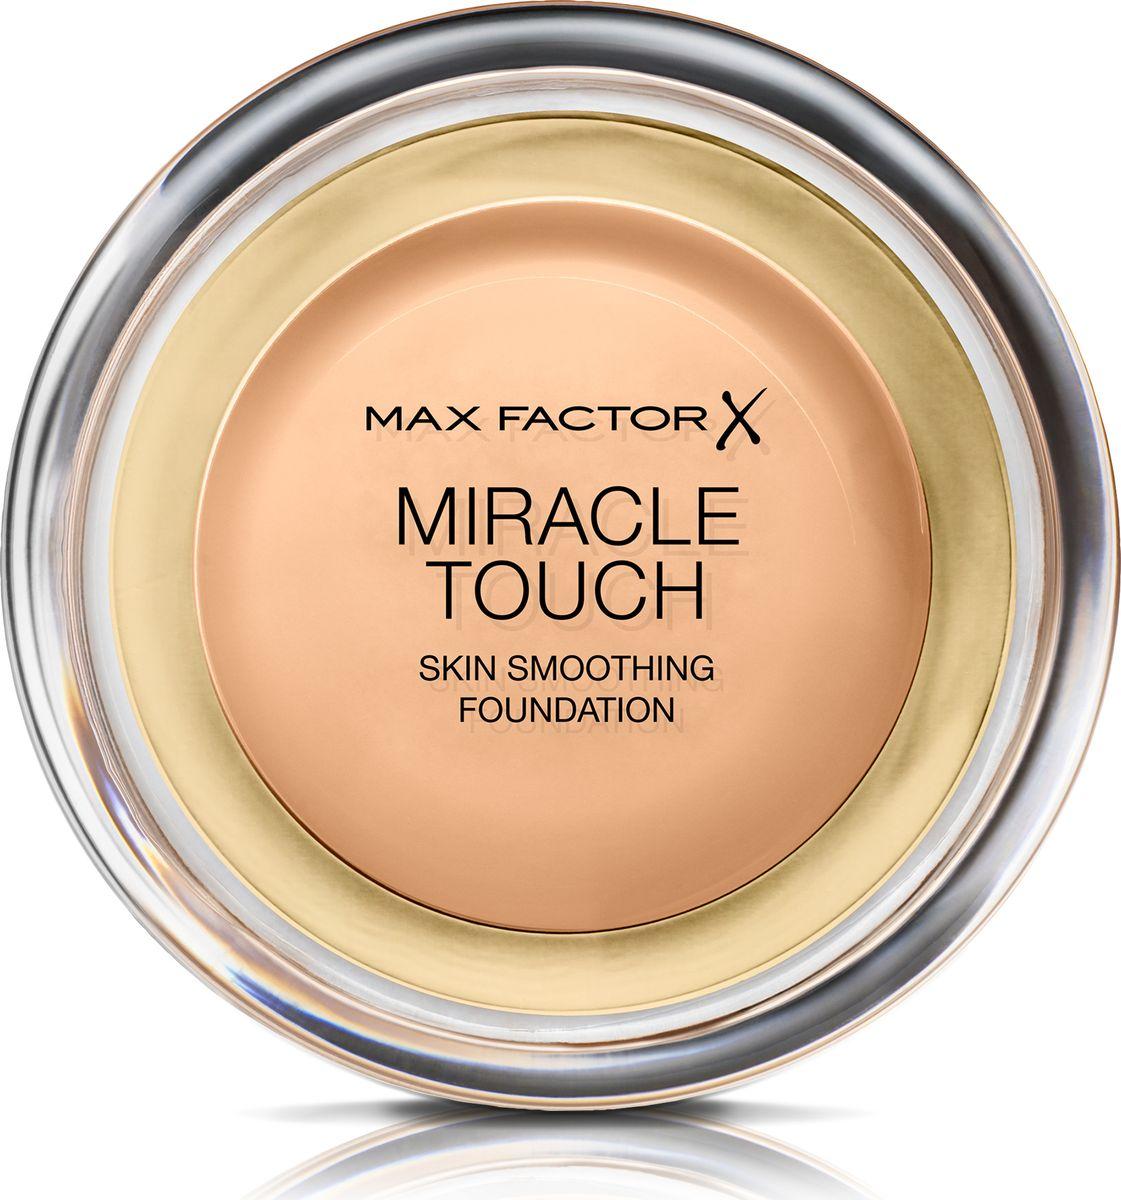 Max Factor Тональная Основа Miracle Touch Тон 75 golden 11,5 гр34788436010Уникальная универсальная тональная основа MaxFactorMiracleTouch обладает кремообразной формулой, благодаря которой превосходно подготовить кожу для макияжа очень легко. Всего один слой без необходимости нанесения консилера или пудры. Легкая твердая тональная основа тает в руках и гладко наносится на кожу, создавая идеальное, безупречно блестящее и равномерное покрытие, не слишком прозрачное и не слишком плотное. В результате кожа выглядит свежей, необычайно ровной и приобретает сияние. Чтобы создать безупречное покрытие, можно нанести всего один легкий слой тональной основы или же сделать покрытие более плотным благодаря специальной формуле. Тональная основа подходит для всех типов кожи, включая чувствительную кожу, и не вызывает угревой сыпи, так как не закупоривает поры. Спонж в комплекте для простого и аккуратного нанесения где угодно.Идеальное покрытие в один слой- консилер и пудра не нужны. Умеренное или плотное покрытие благодаря специальной формуле. Не вызывает угревую сыпь и не закупоривает поры. Дерматологически протестировано, подходит для чувствительной кожи.Удобная компактная форма, которую легко держать в руках, со спонжем для быстрого и простого нанесения. Идеальный оттенок должен соответствовать тону кожи на линии подбородка. Для получения наиболее профессионального результата с помощью спонжа, входящего в комплект, нанеси тональную основу MiracleTouchLiquidIllusion и распредели ее от центра лица к краям. Чтобы скрыть темные круги и недостатки кожи, наноси основу краем спонжа. Всегда наноси продукт при ярком дневном освещении.